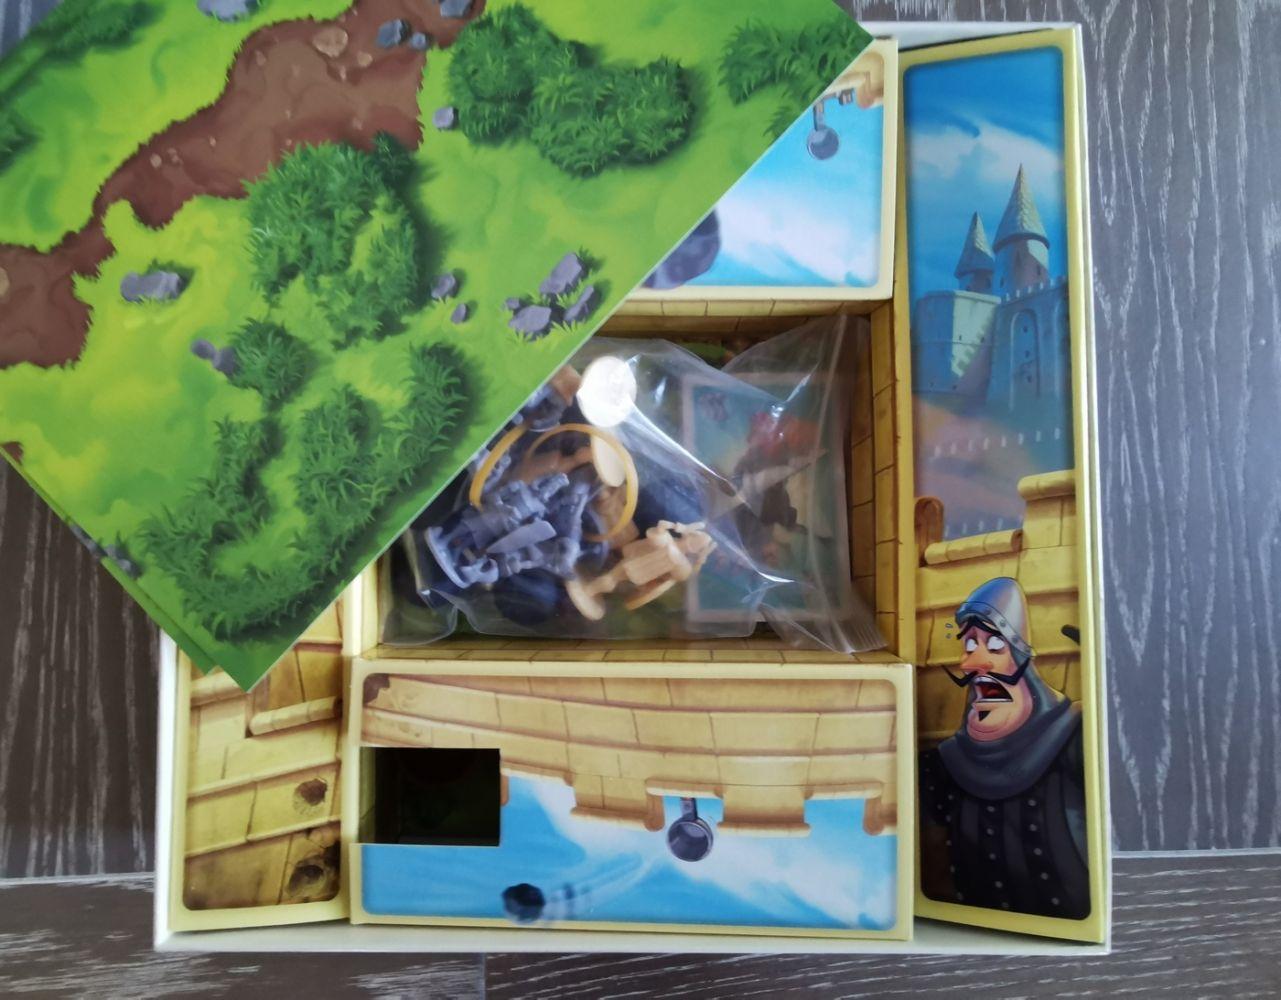 premier déballage … ni châteaux, ni catapultes tout est dissimulé dans les cartons repliés dans la boîte.